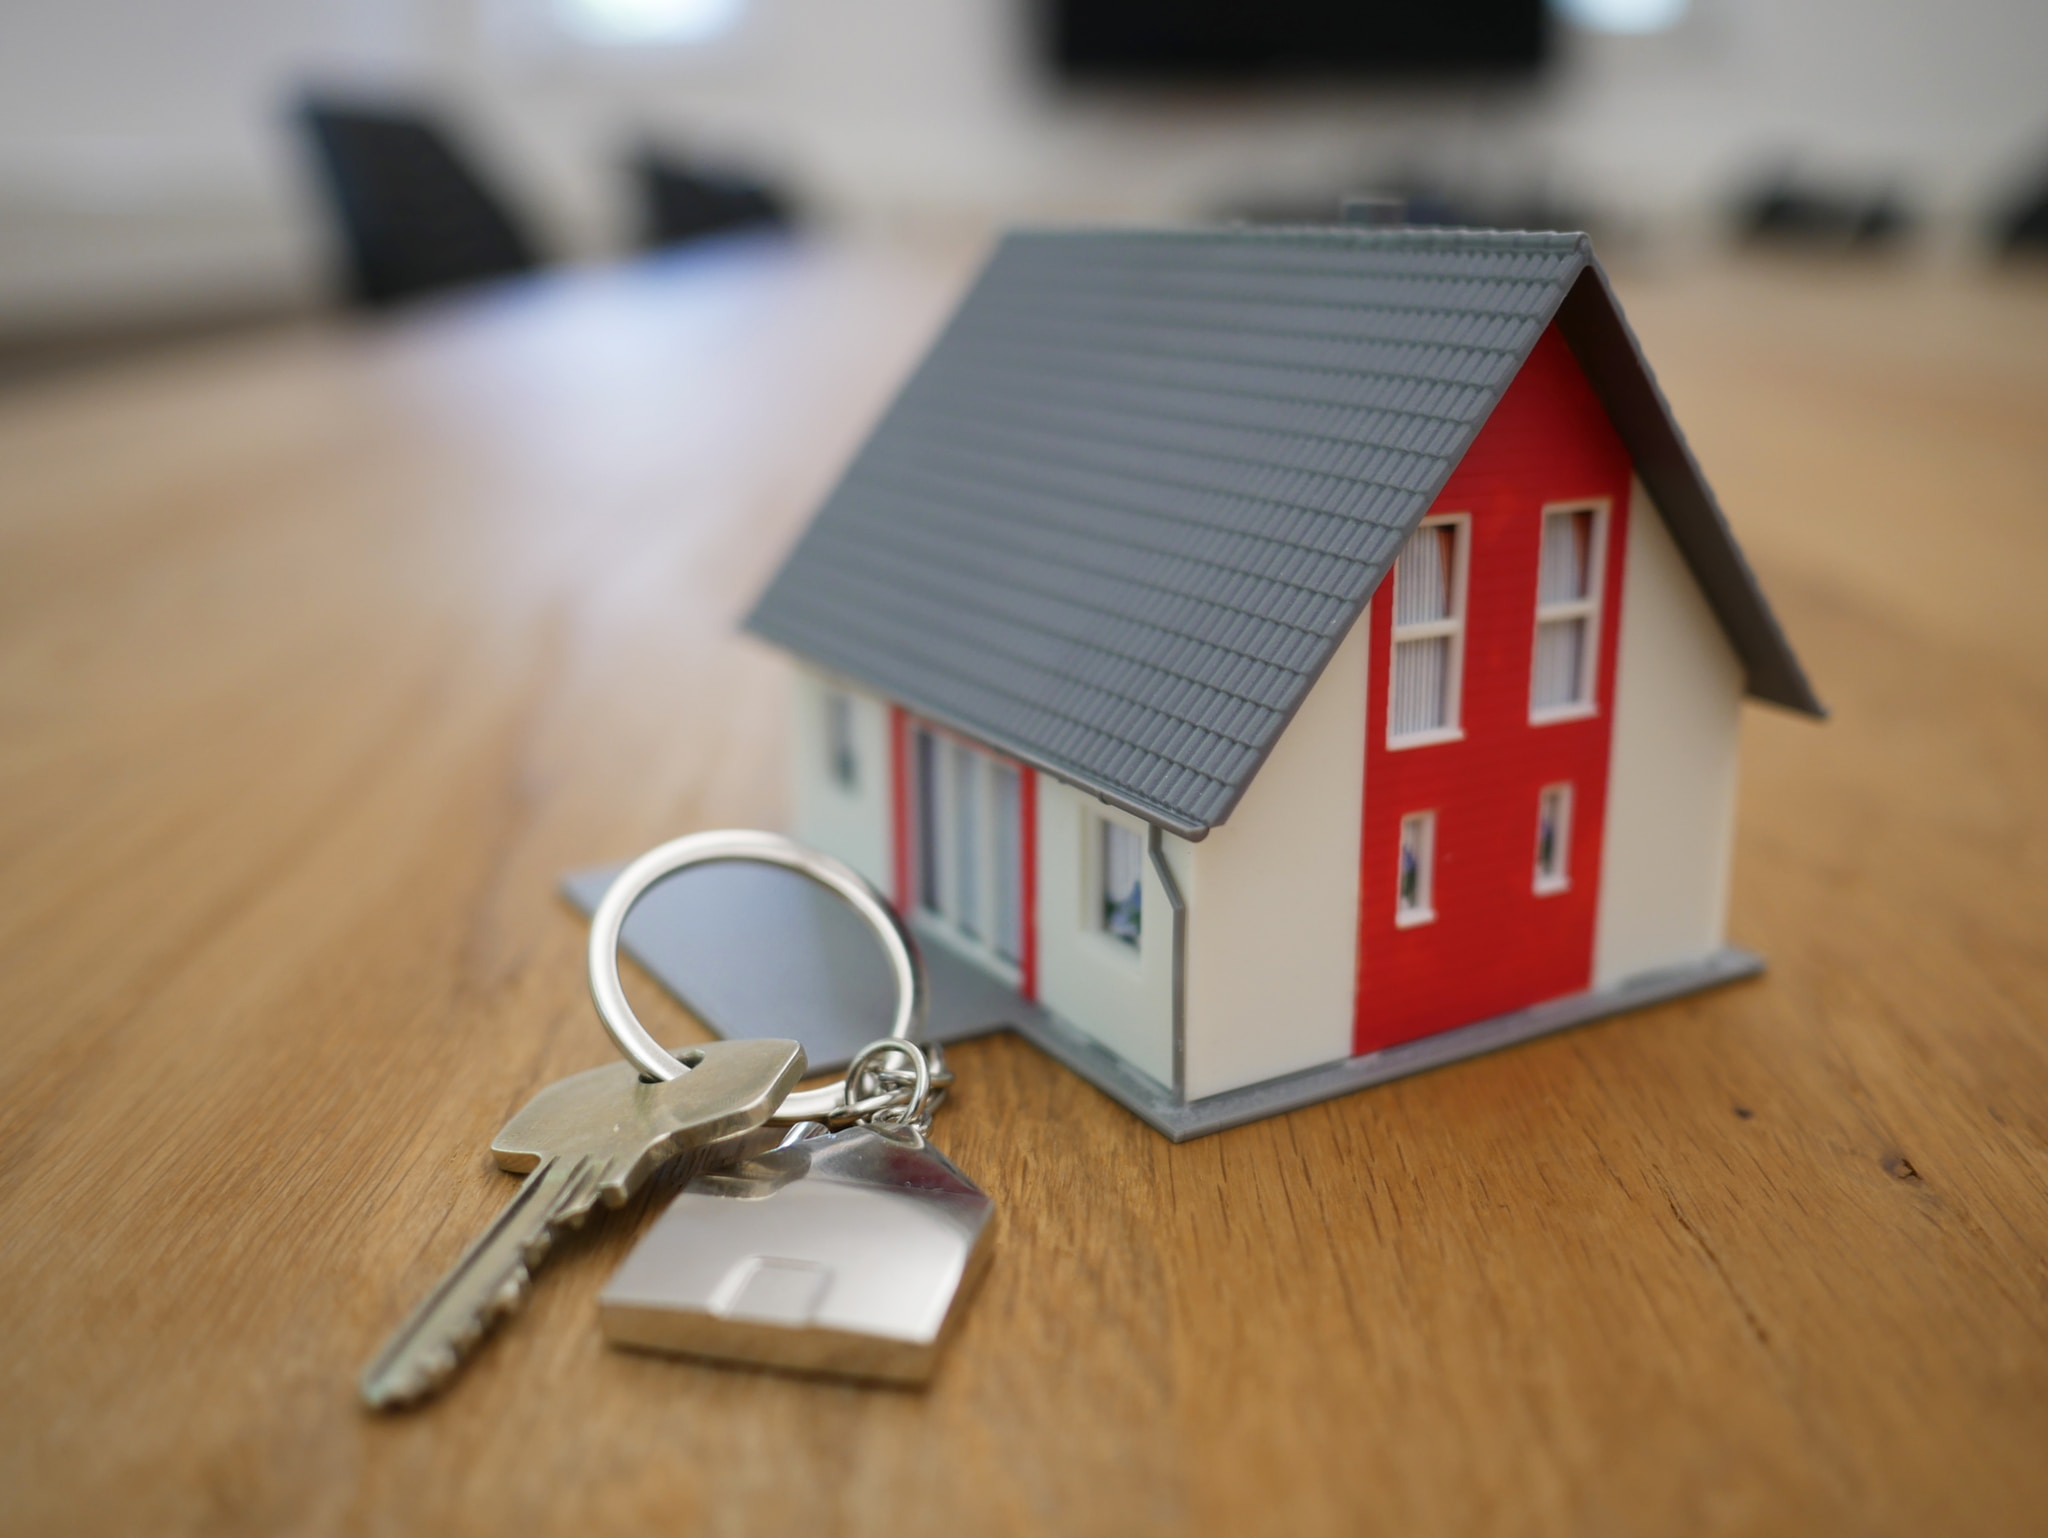 Les Prêts Relais Lors De L'achat D'une Maison